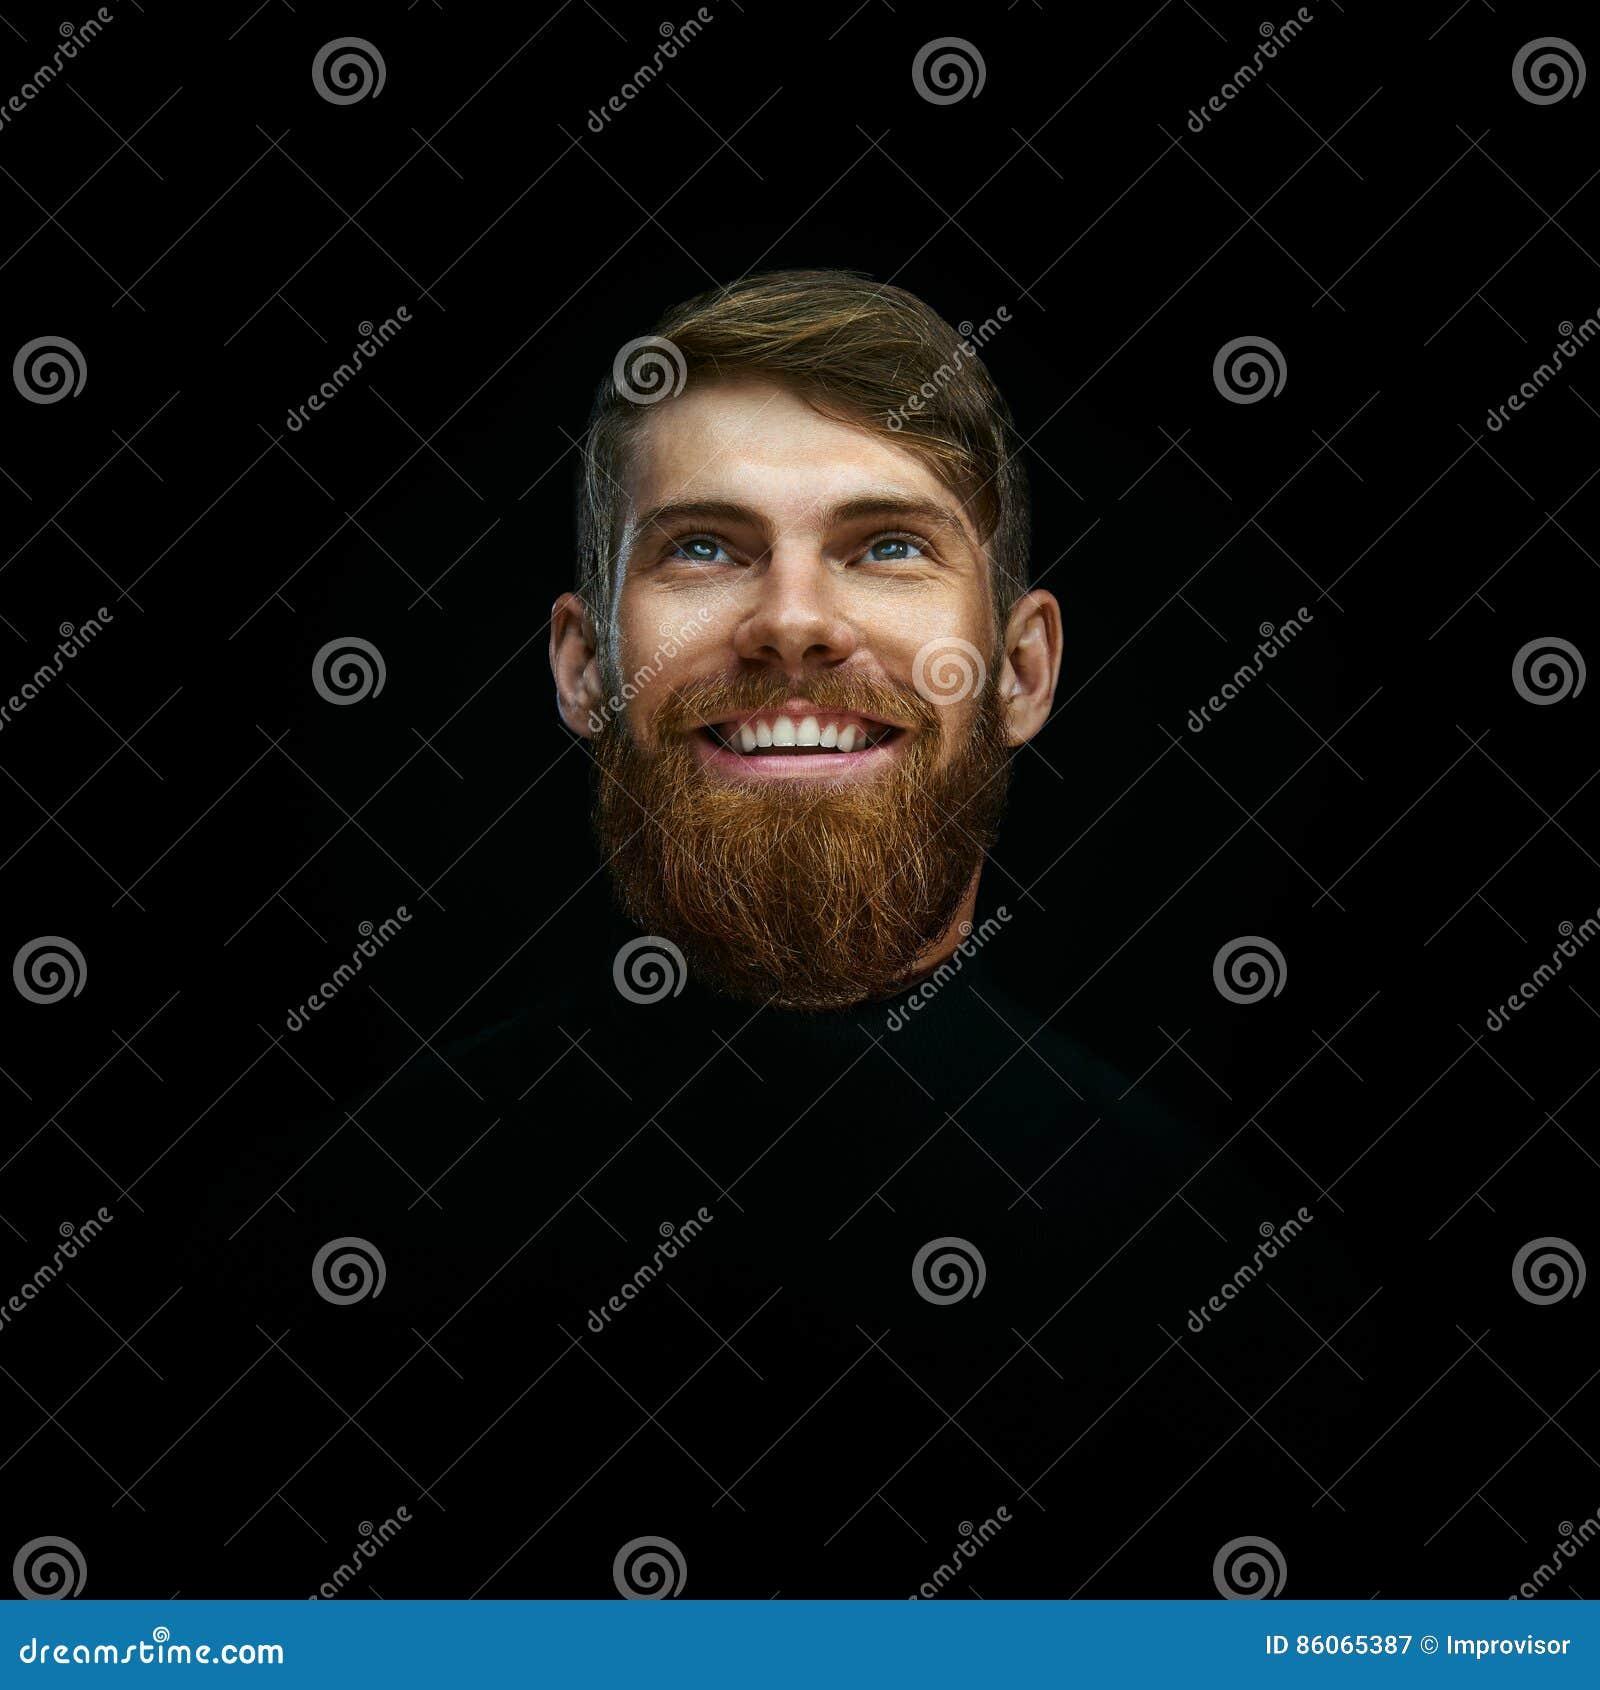 Nahaufnahmeporträt des Lachens des jungen bärtigen Mannes weared schwarzes tur